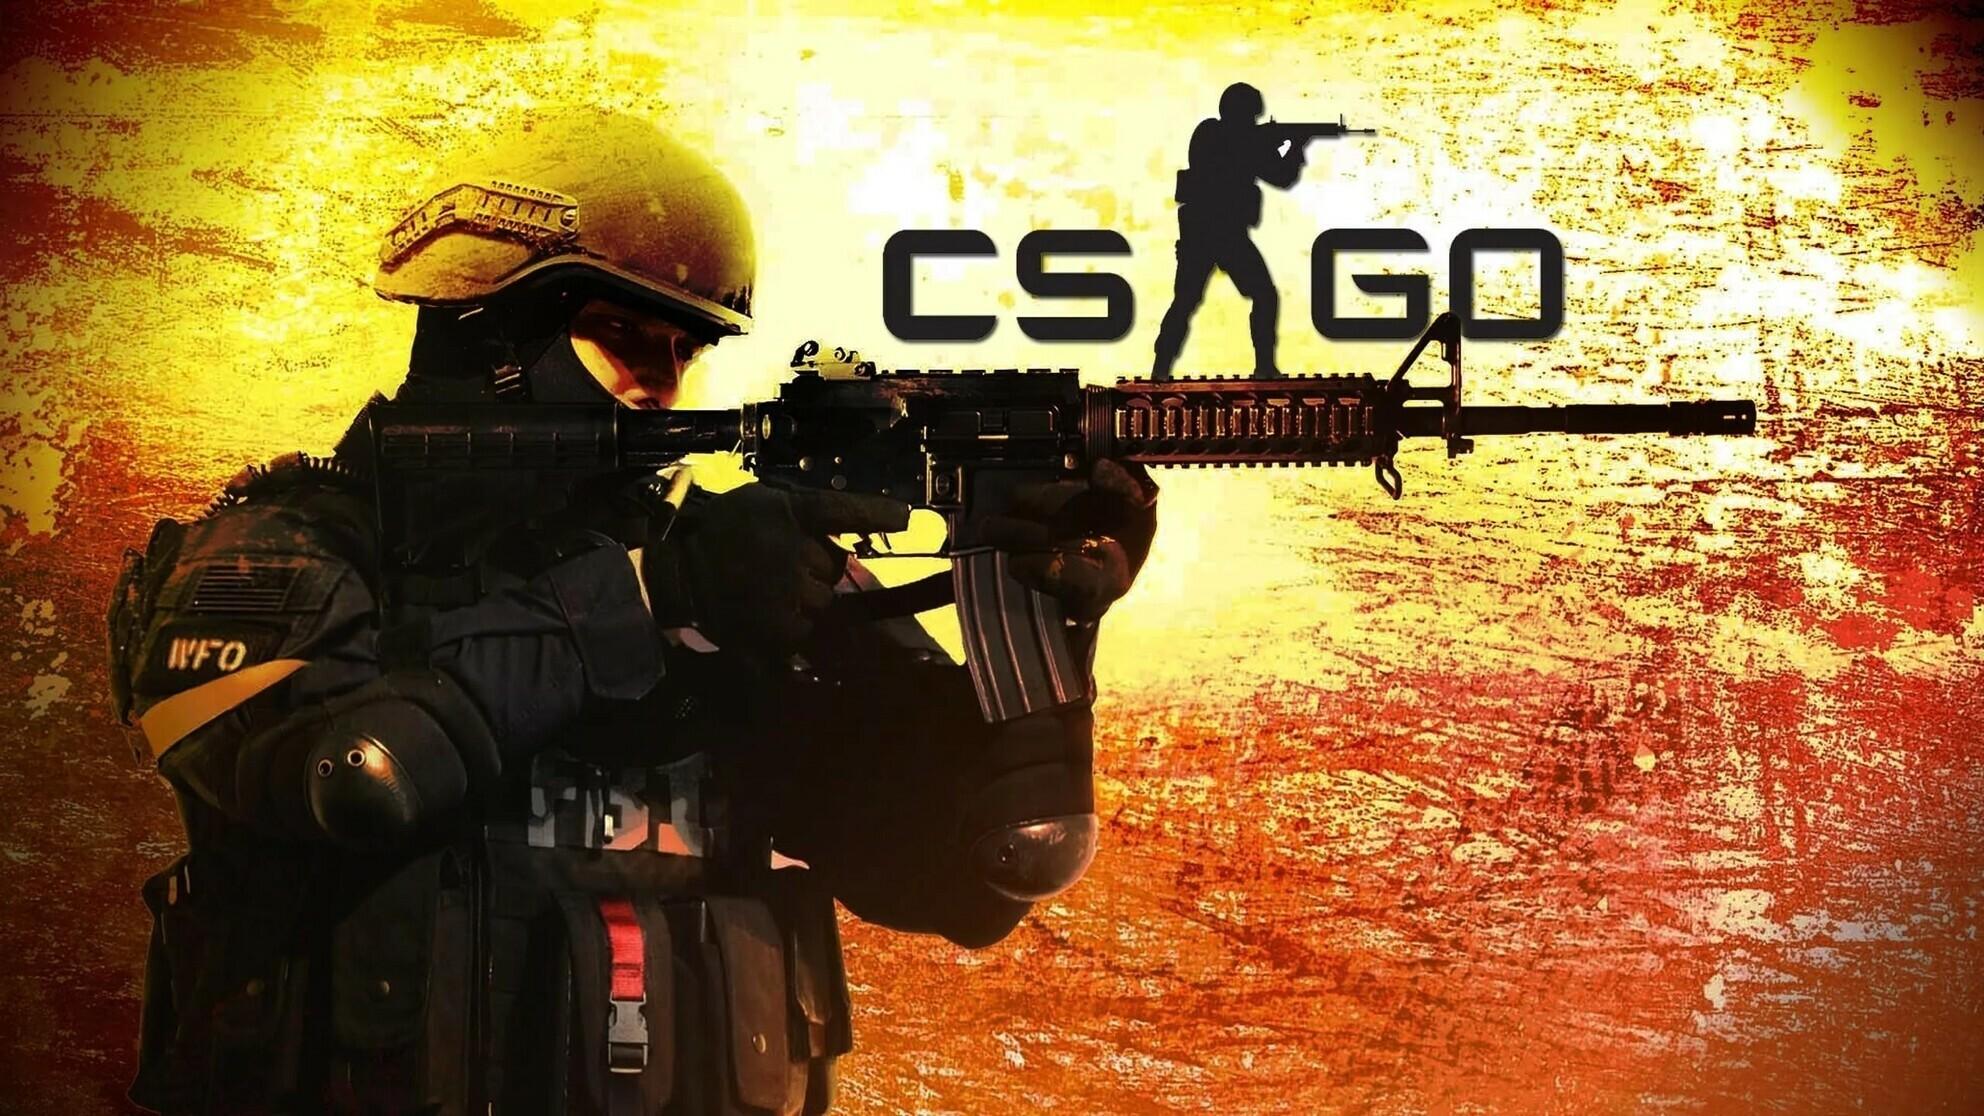 Карты для настройки и смены прицела в CS:GO